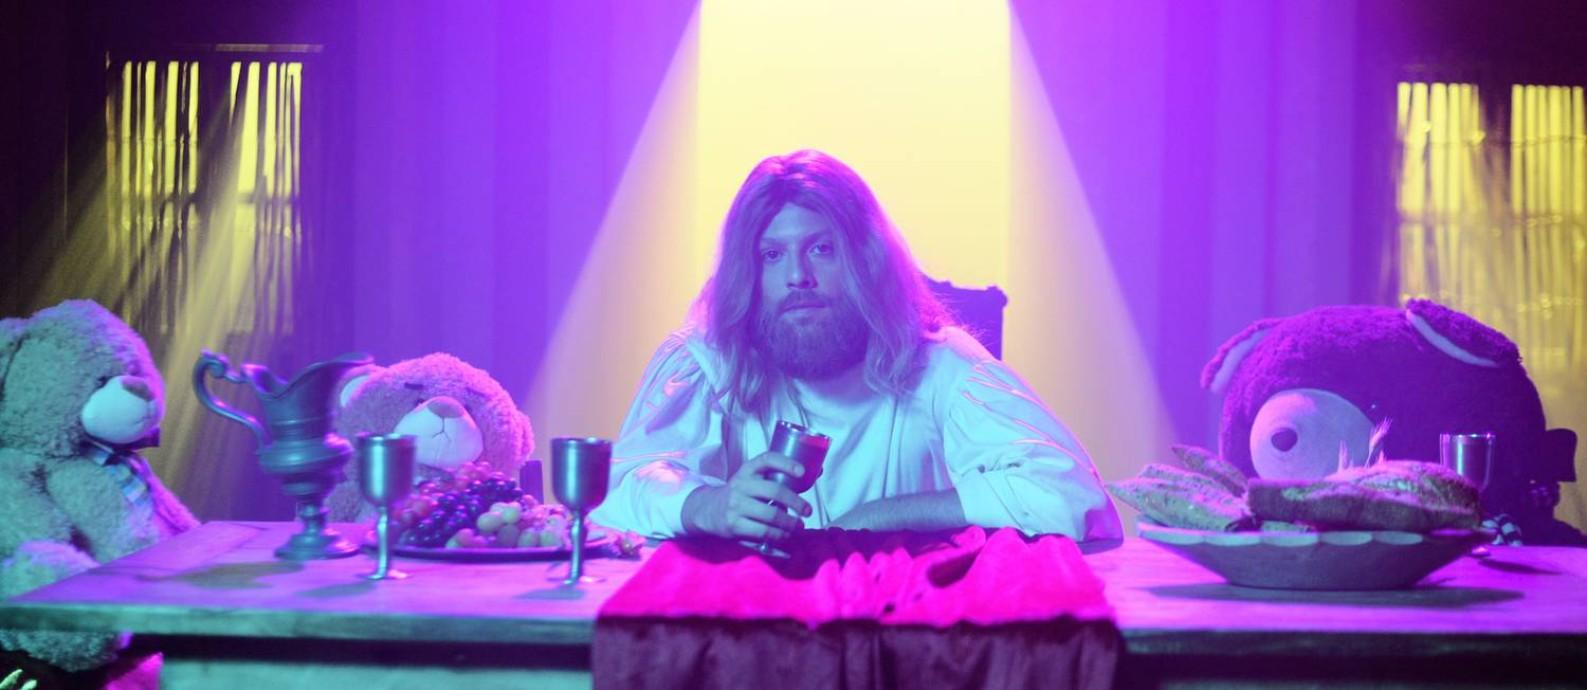 Fabio Porchat na pele de Jesus Cristo, no especial de Natal do Porta dos Fundos, 'Teocracia em vertigem' Foto: Daniel Chiacos